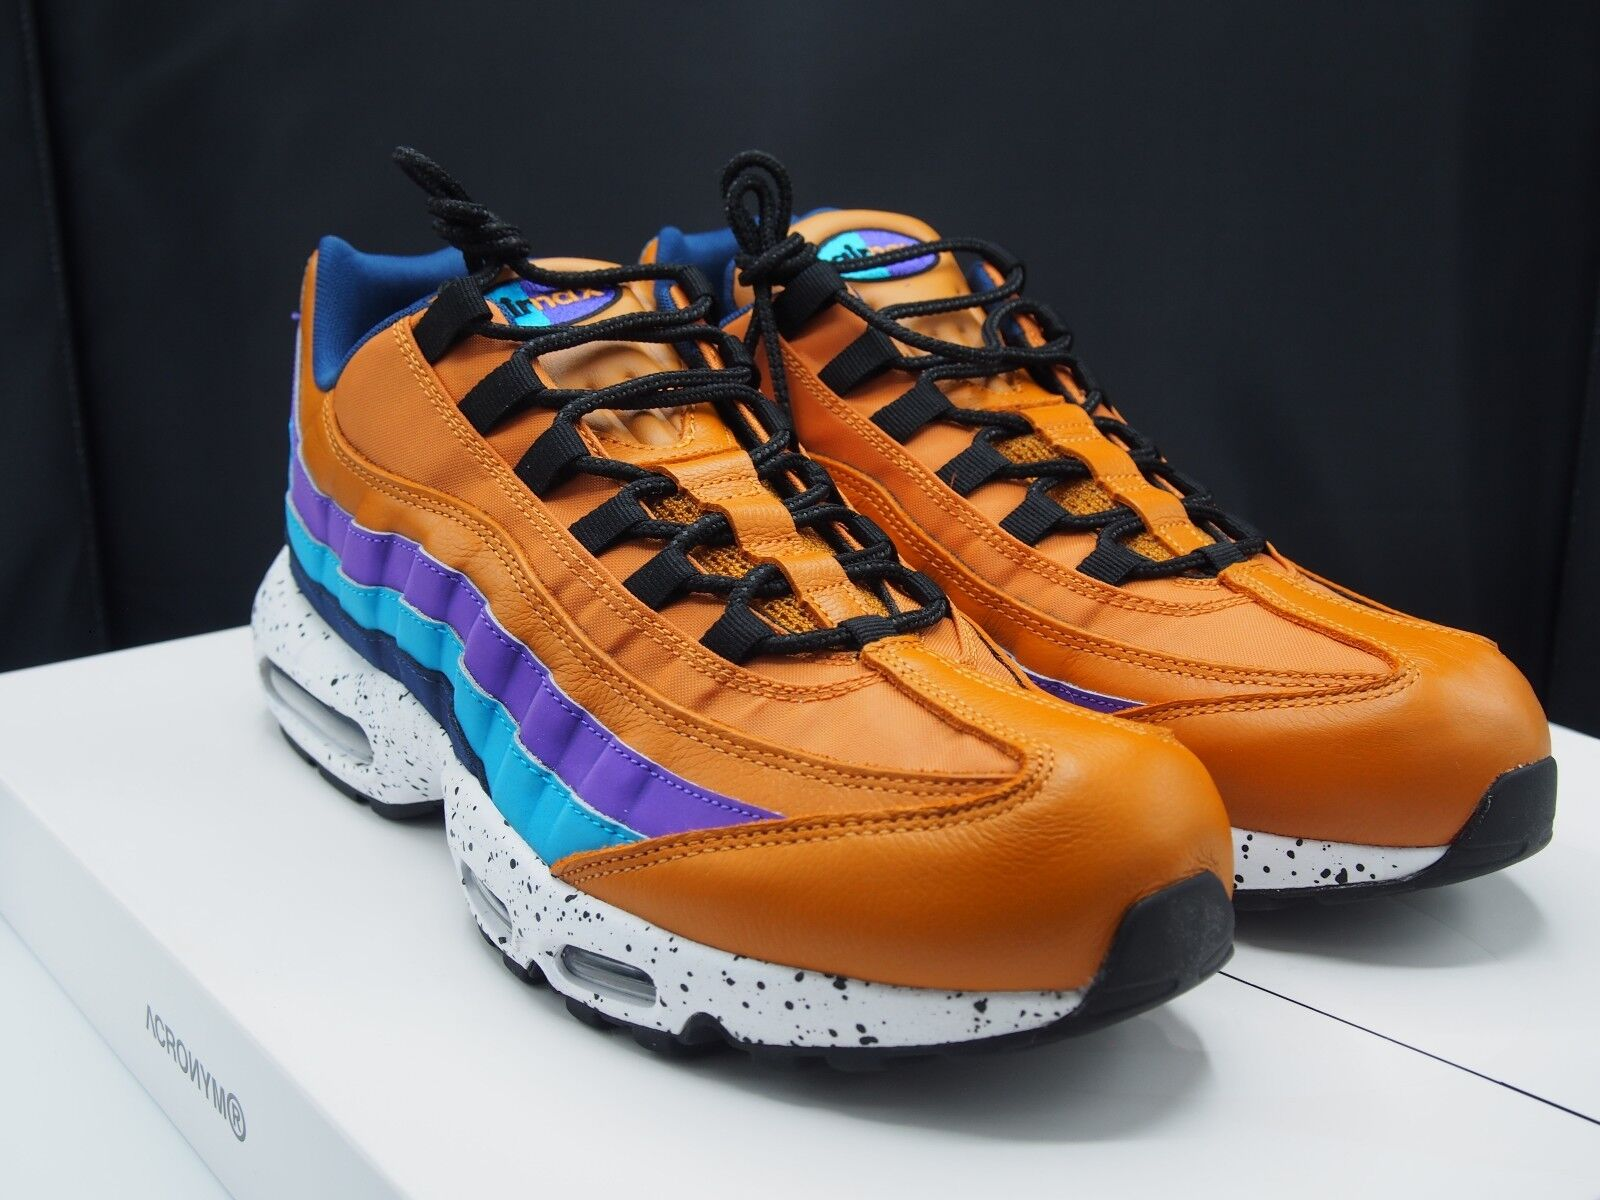 a7d30cb1df Nike Air Max 95 PRM Size 11.5 Shoes Premium Men's Monarch Blue Fury ...